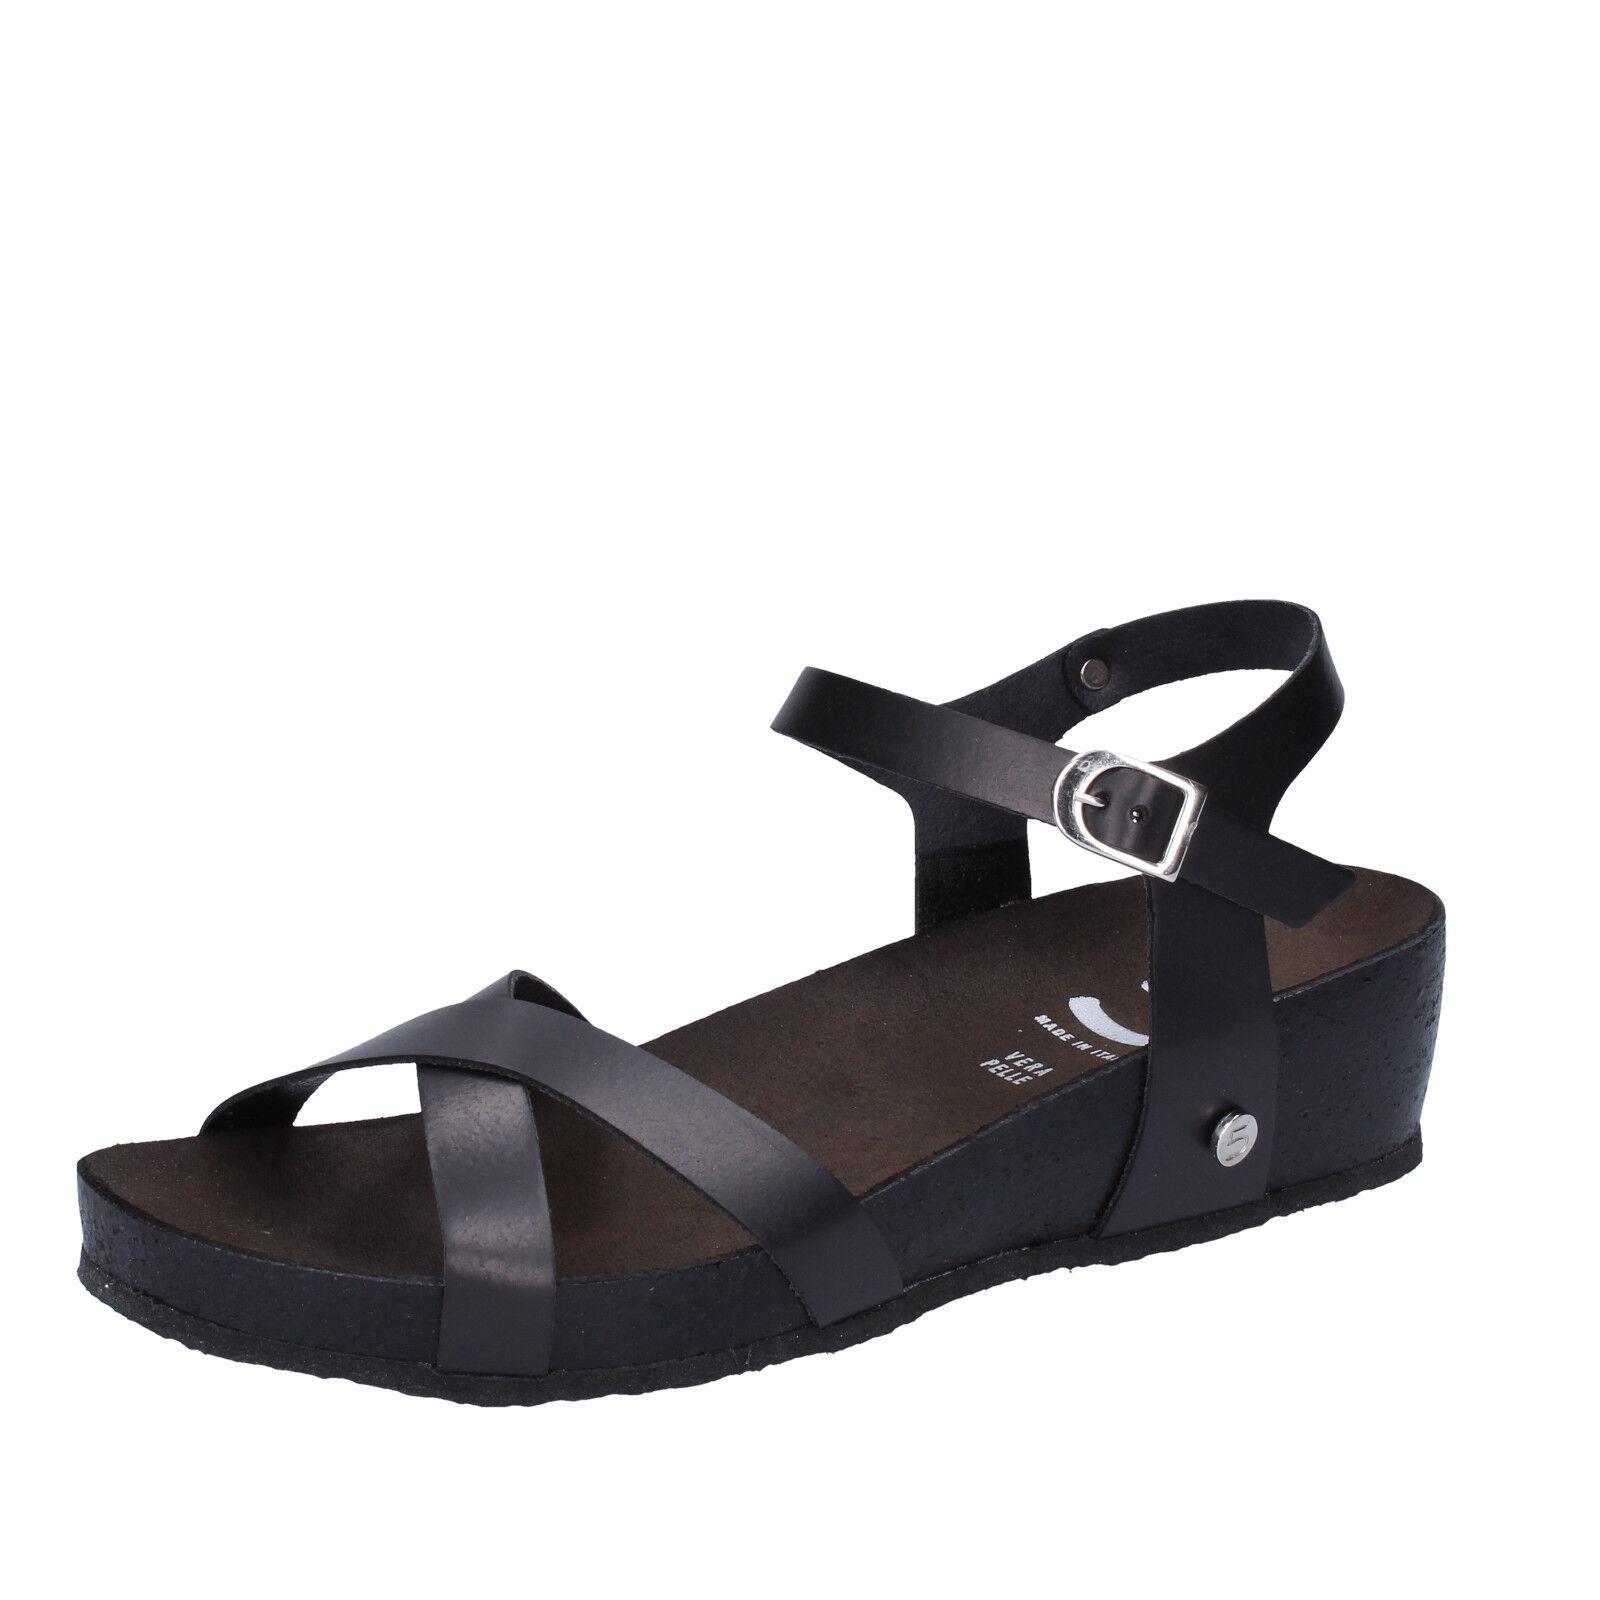 Scarpe donna 5 PRO JECT 39 AC699-E EU sandali nero pelle AC699-E 39 295f4f